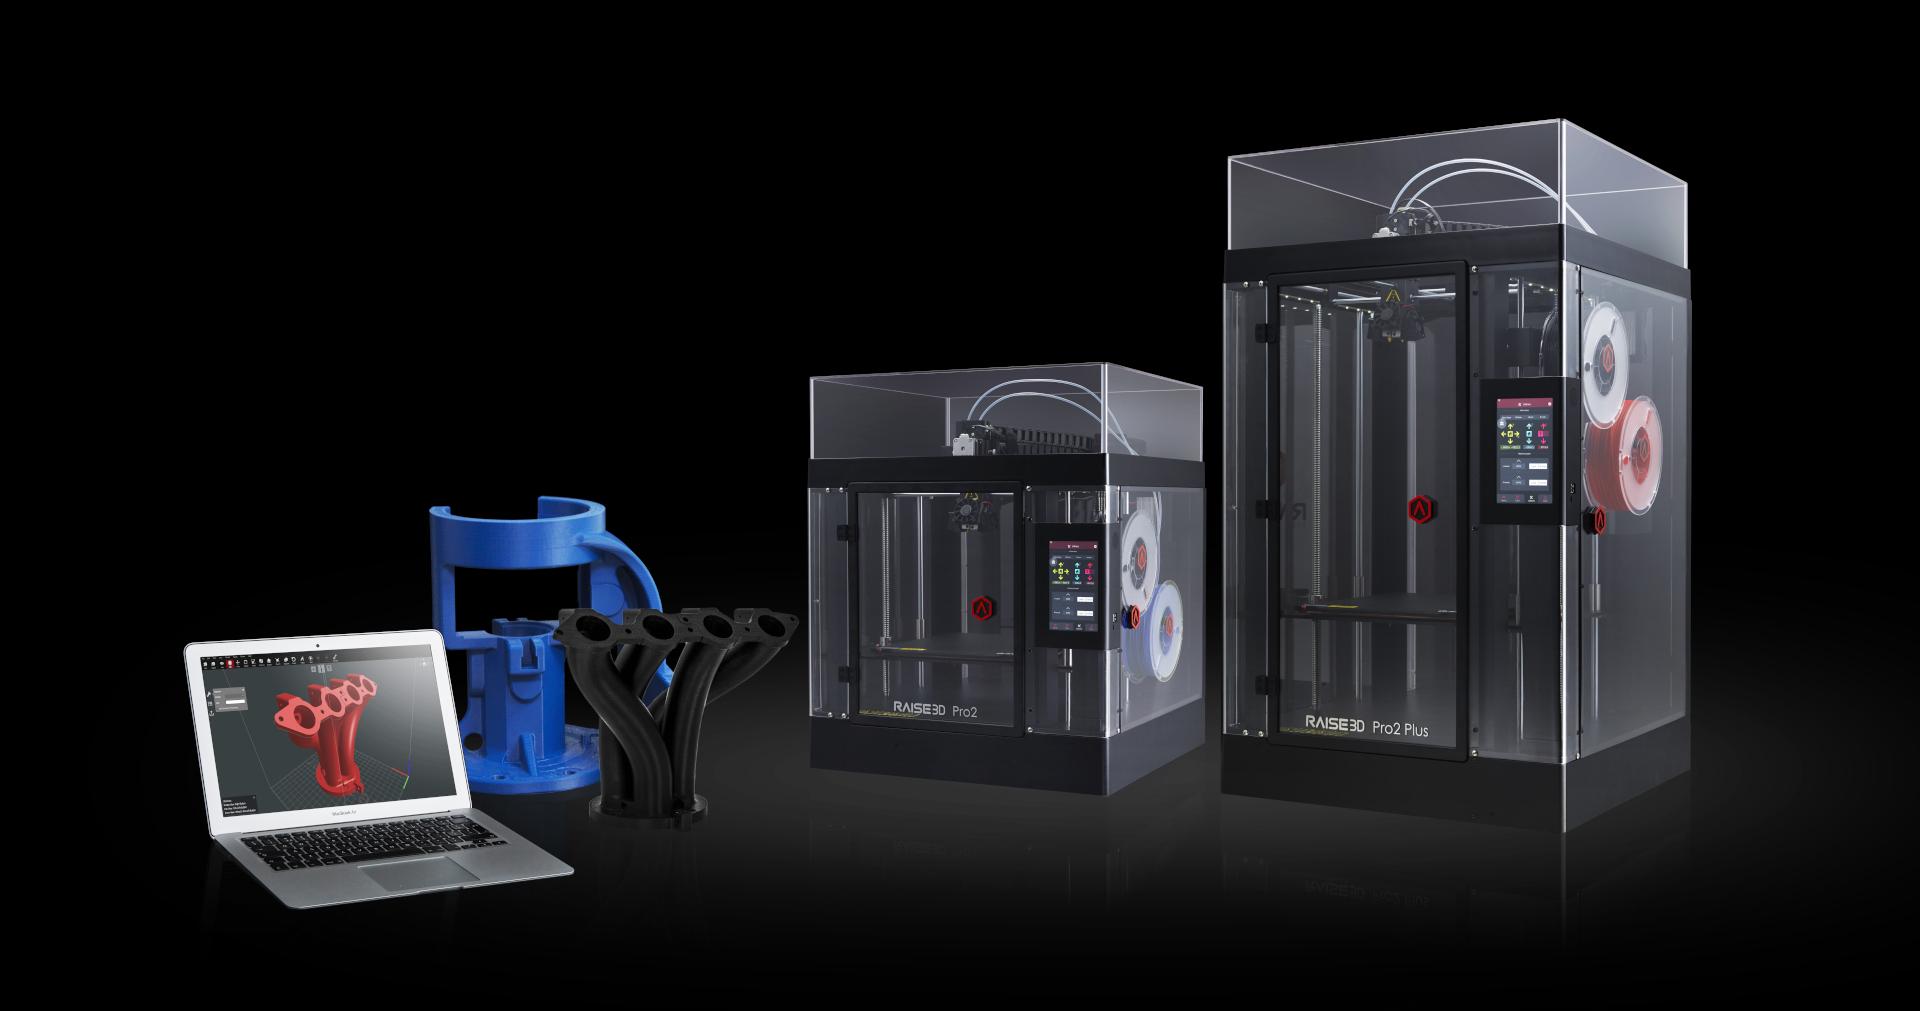 Impressoras 3D Raise3D